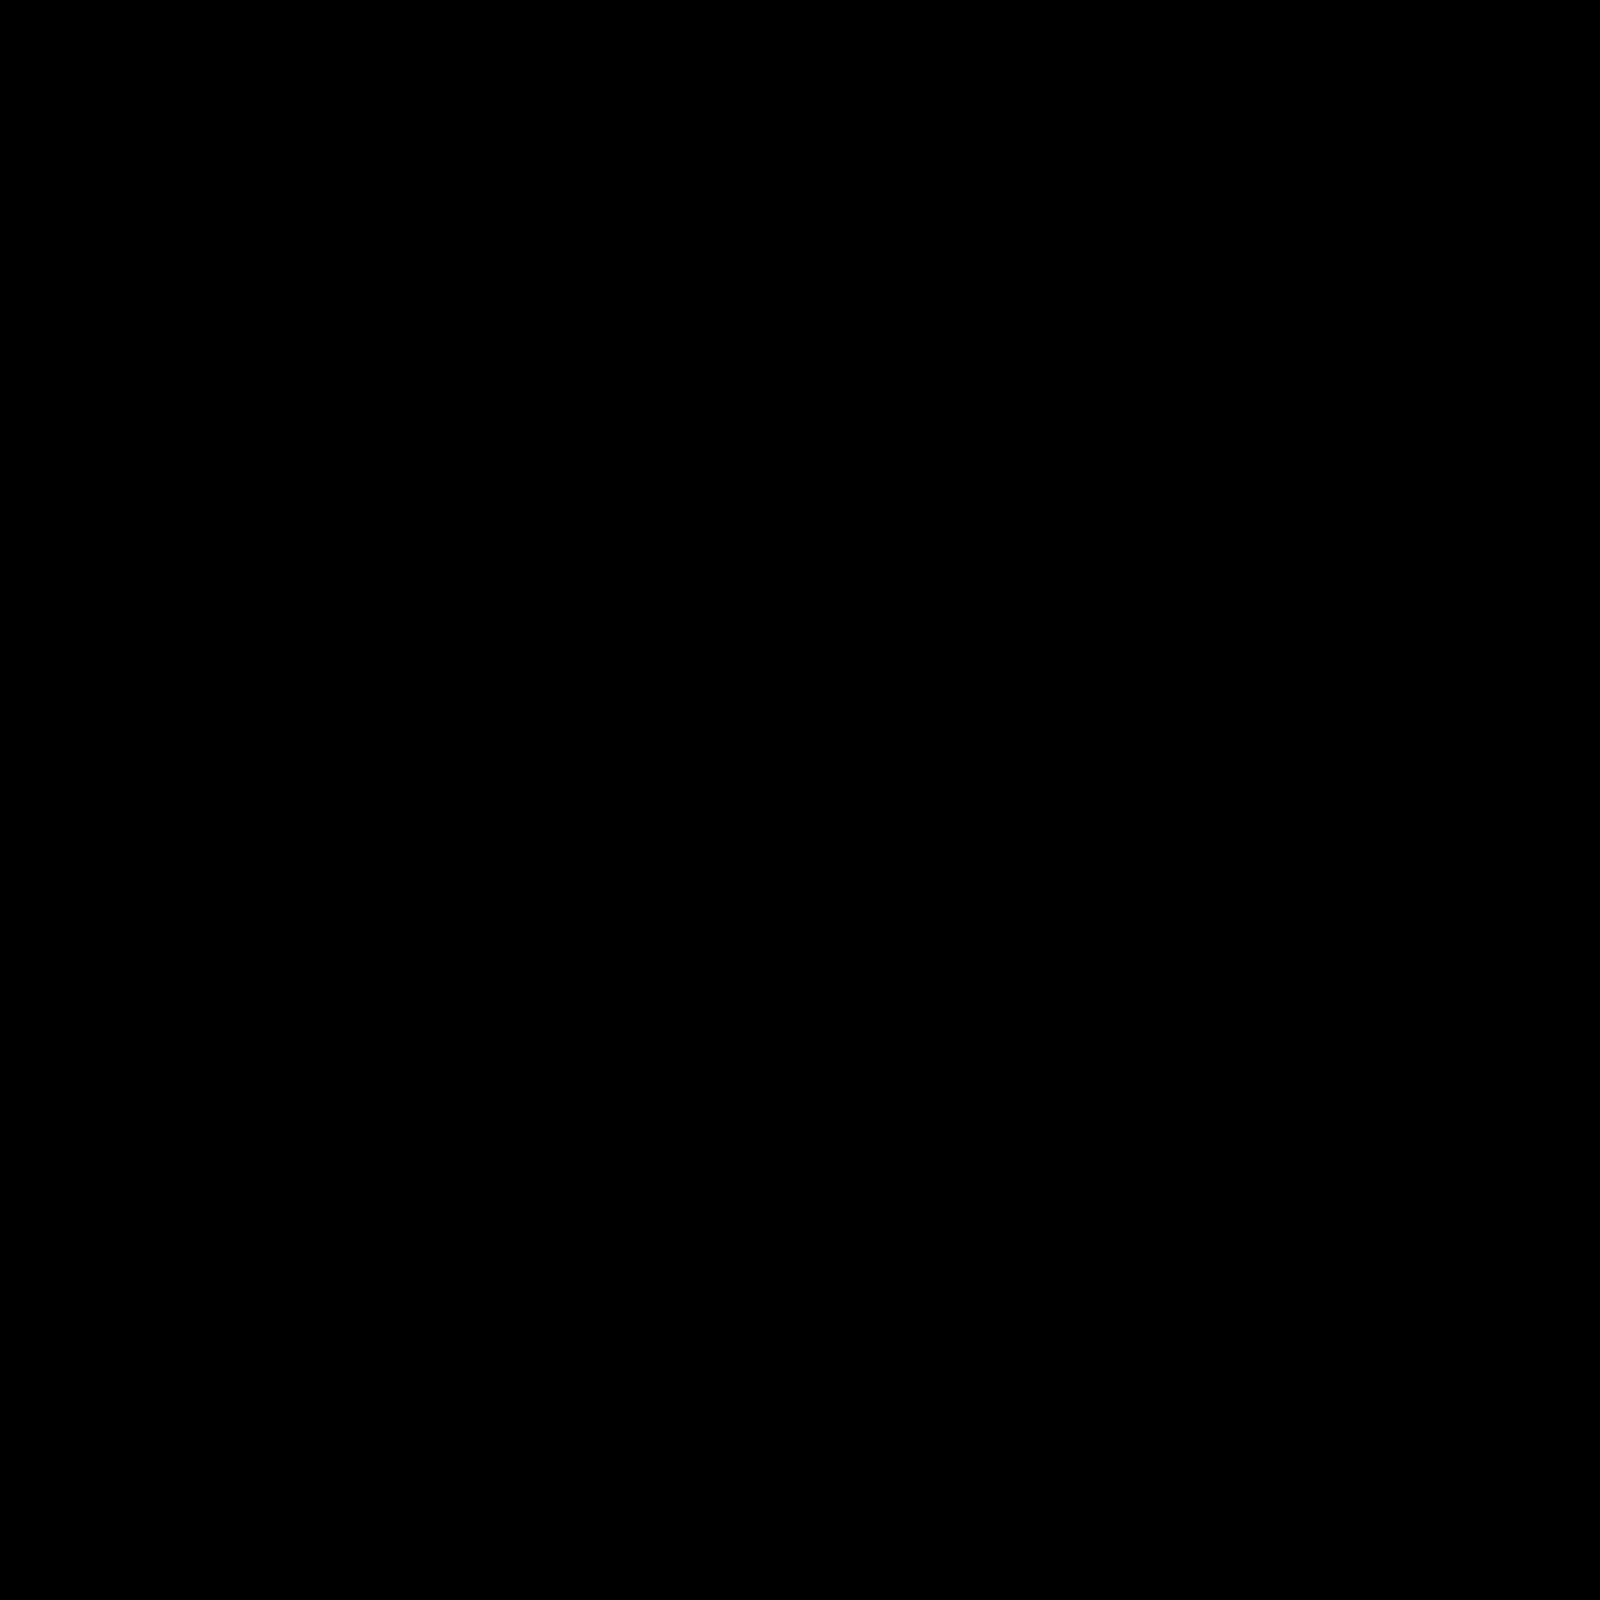 Mapa dos Emirados Árabes Unidos icon